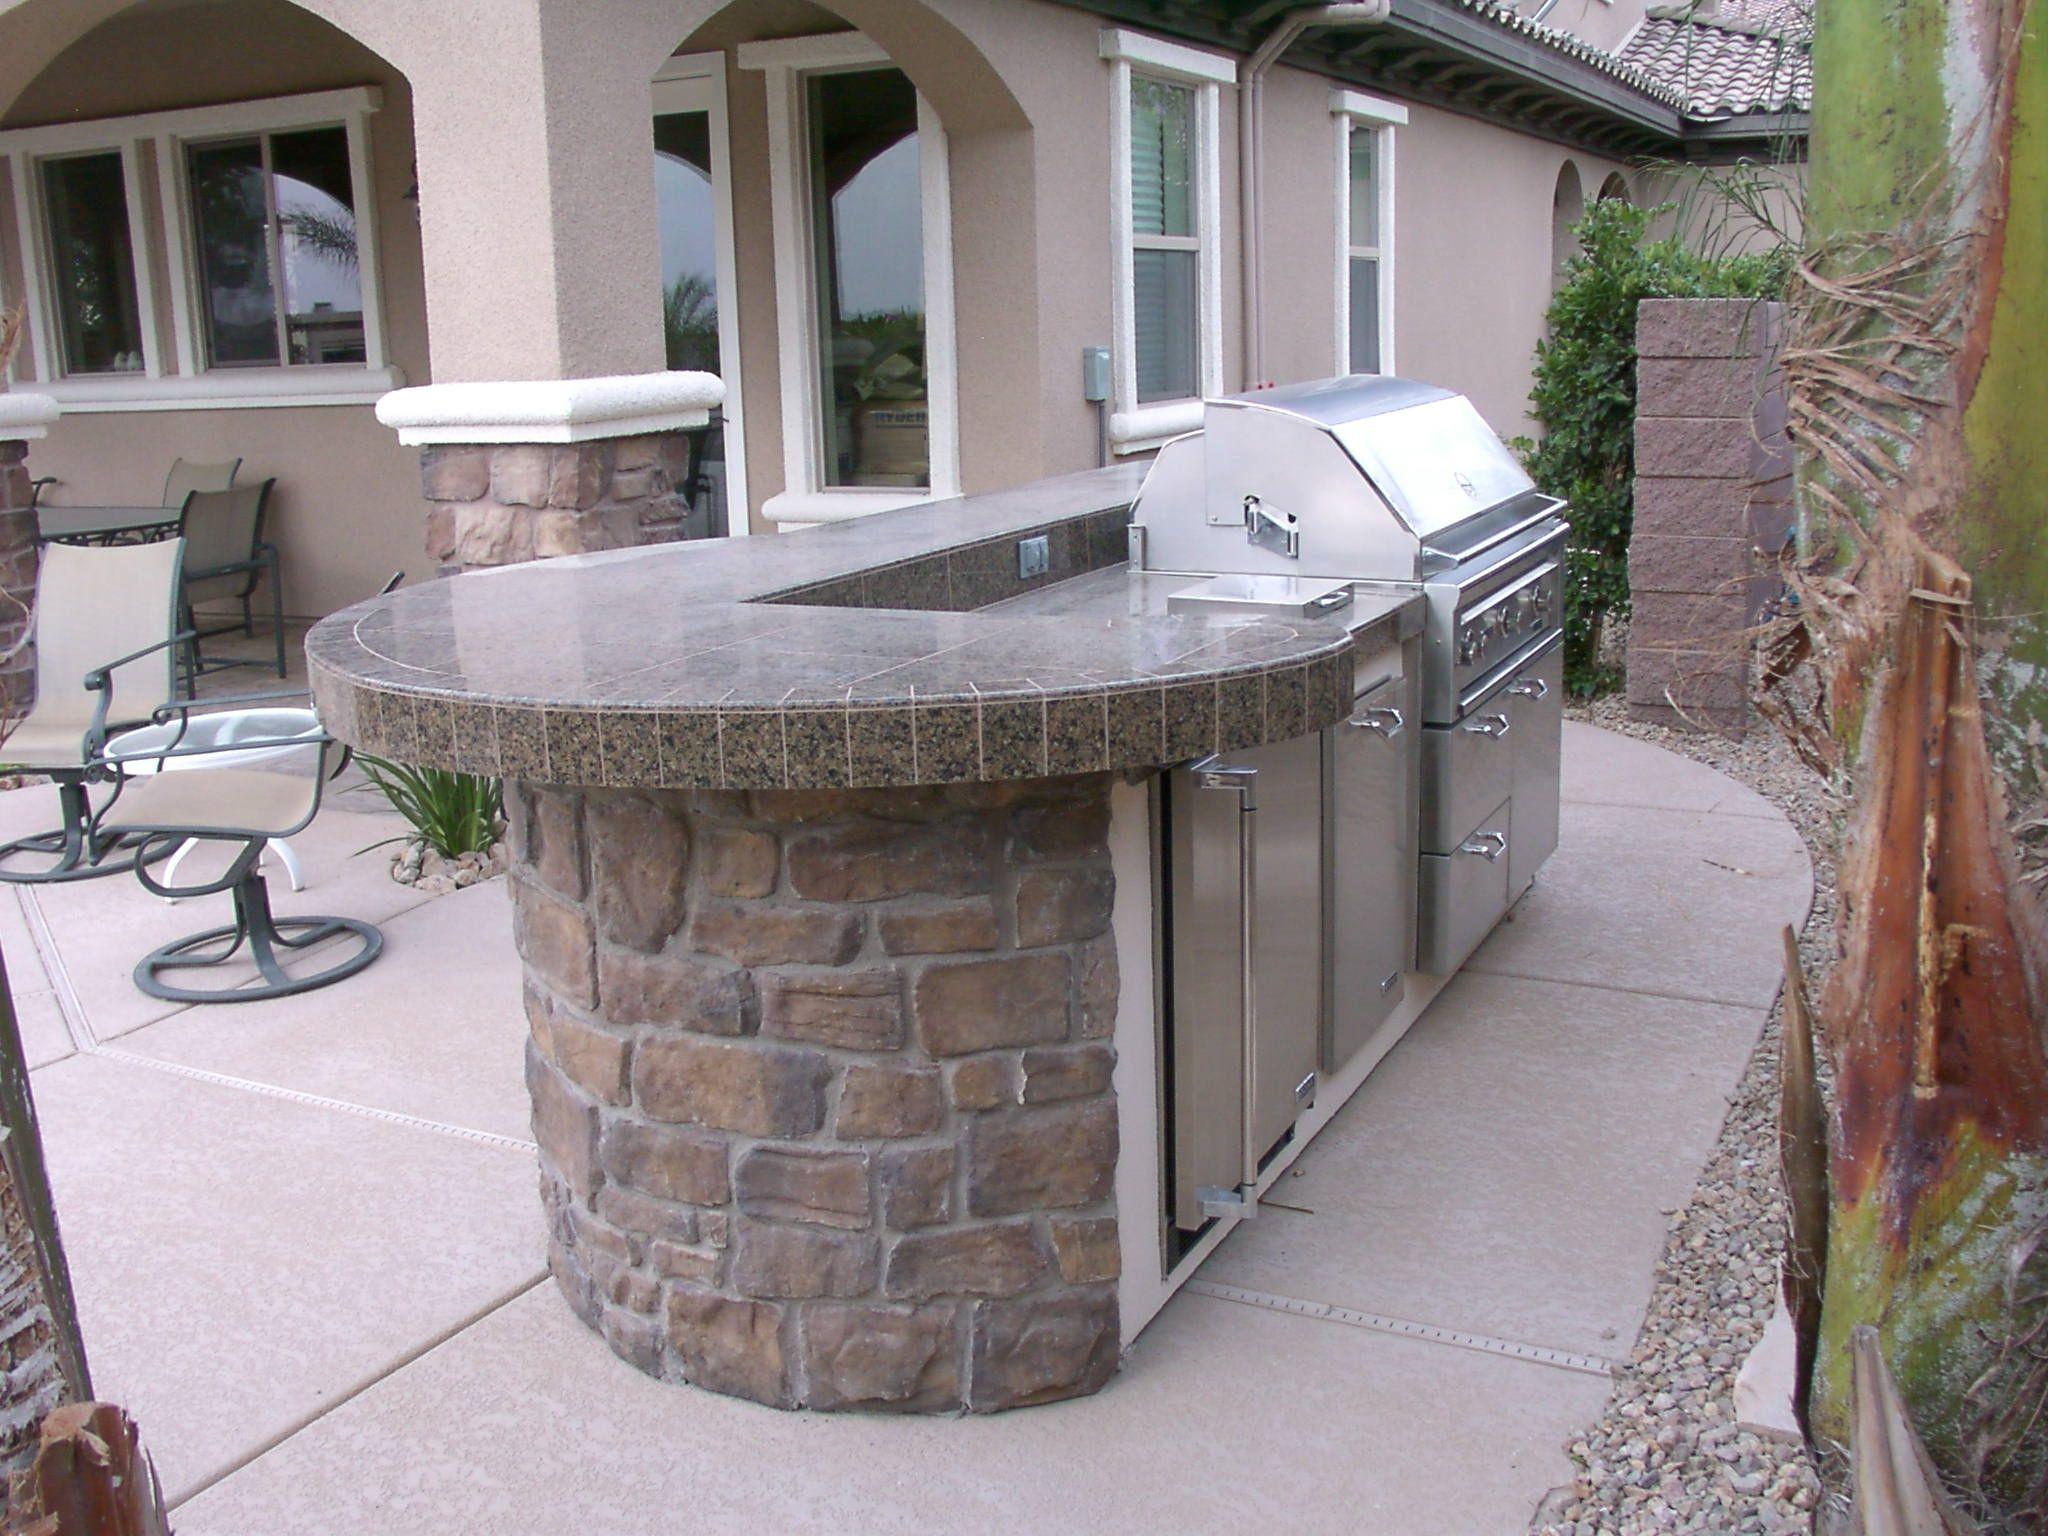 Custom Outdoor Kitchen Design By Nevada Outdoor Living Outdoor Kitchen Outdoor Kitchen Design Outdoor